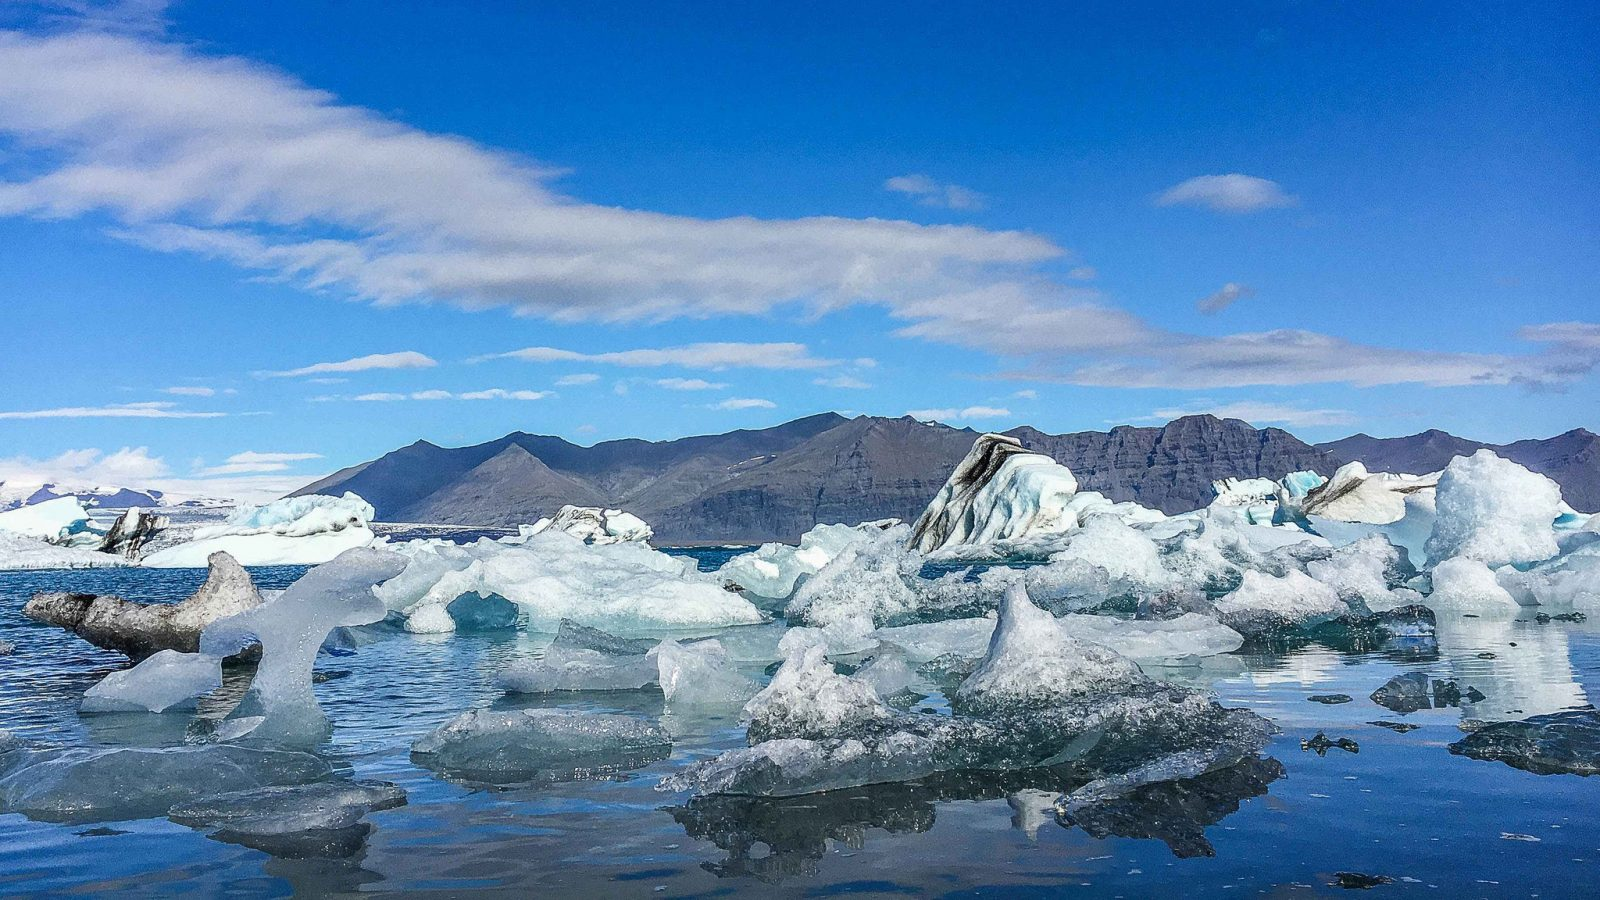 Consumo di energia per estrarre Bitcoin superiore a quello per alimentare le case - Consumo di energia per estrarre Bitcoin superiore a quello per alimentare le case in Islanda